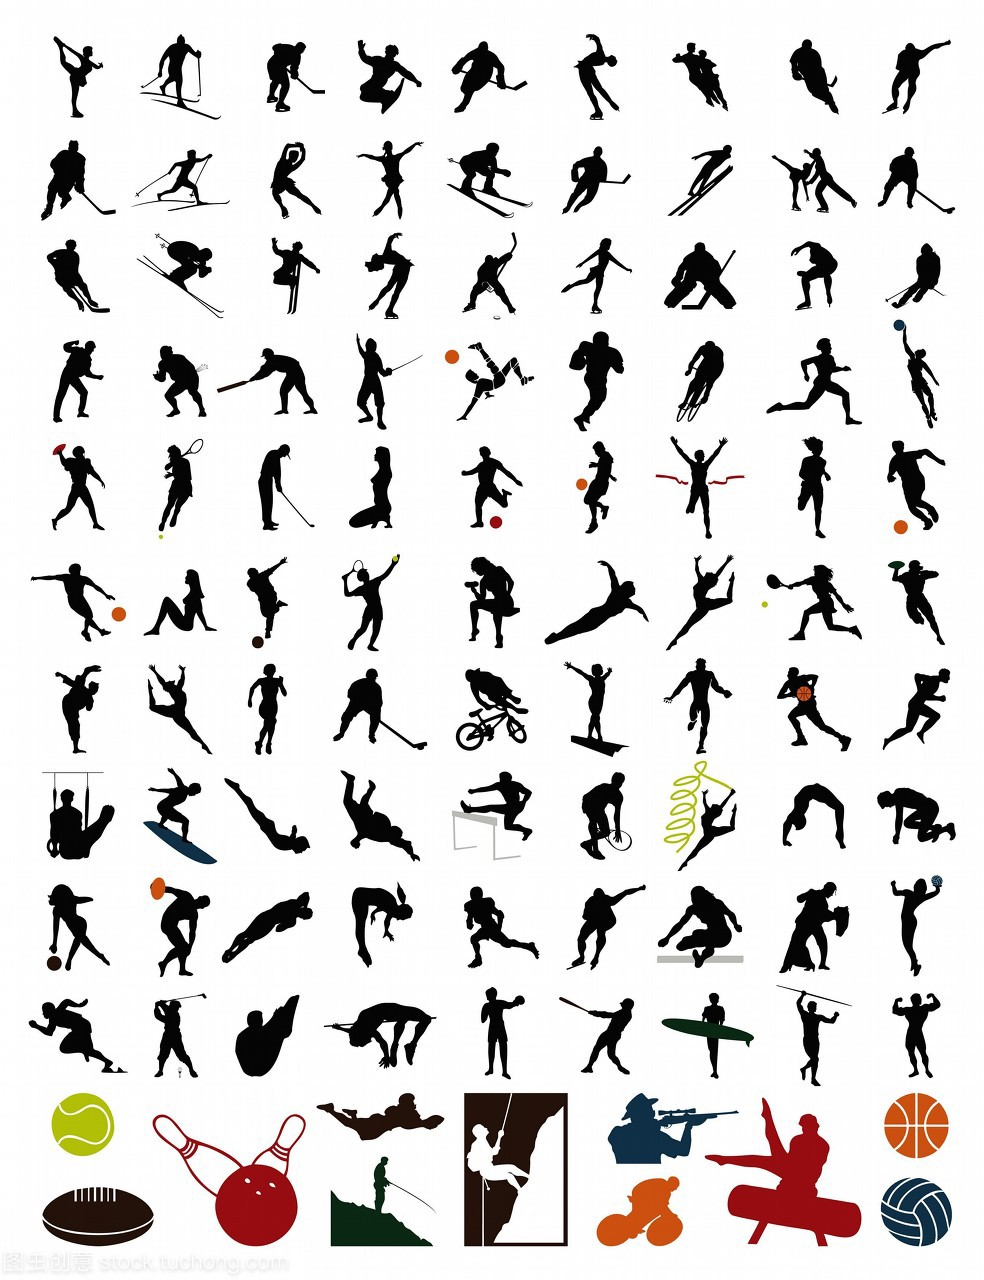 男性,冠军,田径,须眉,奥林匹克,奥林匹亚,游戏亚运会男人10000米奥运图片